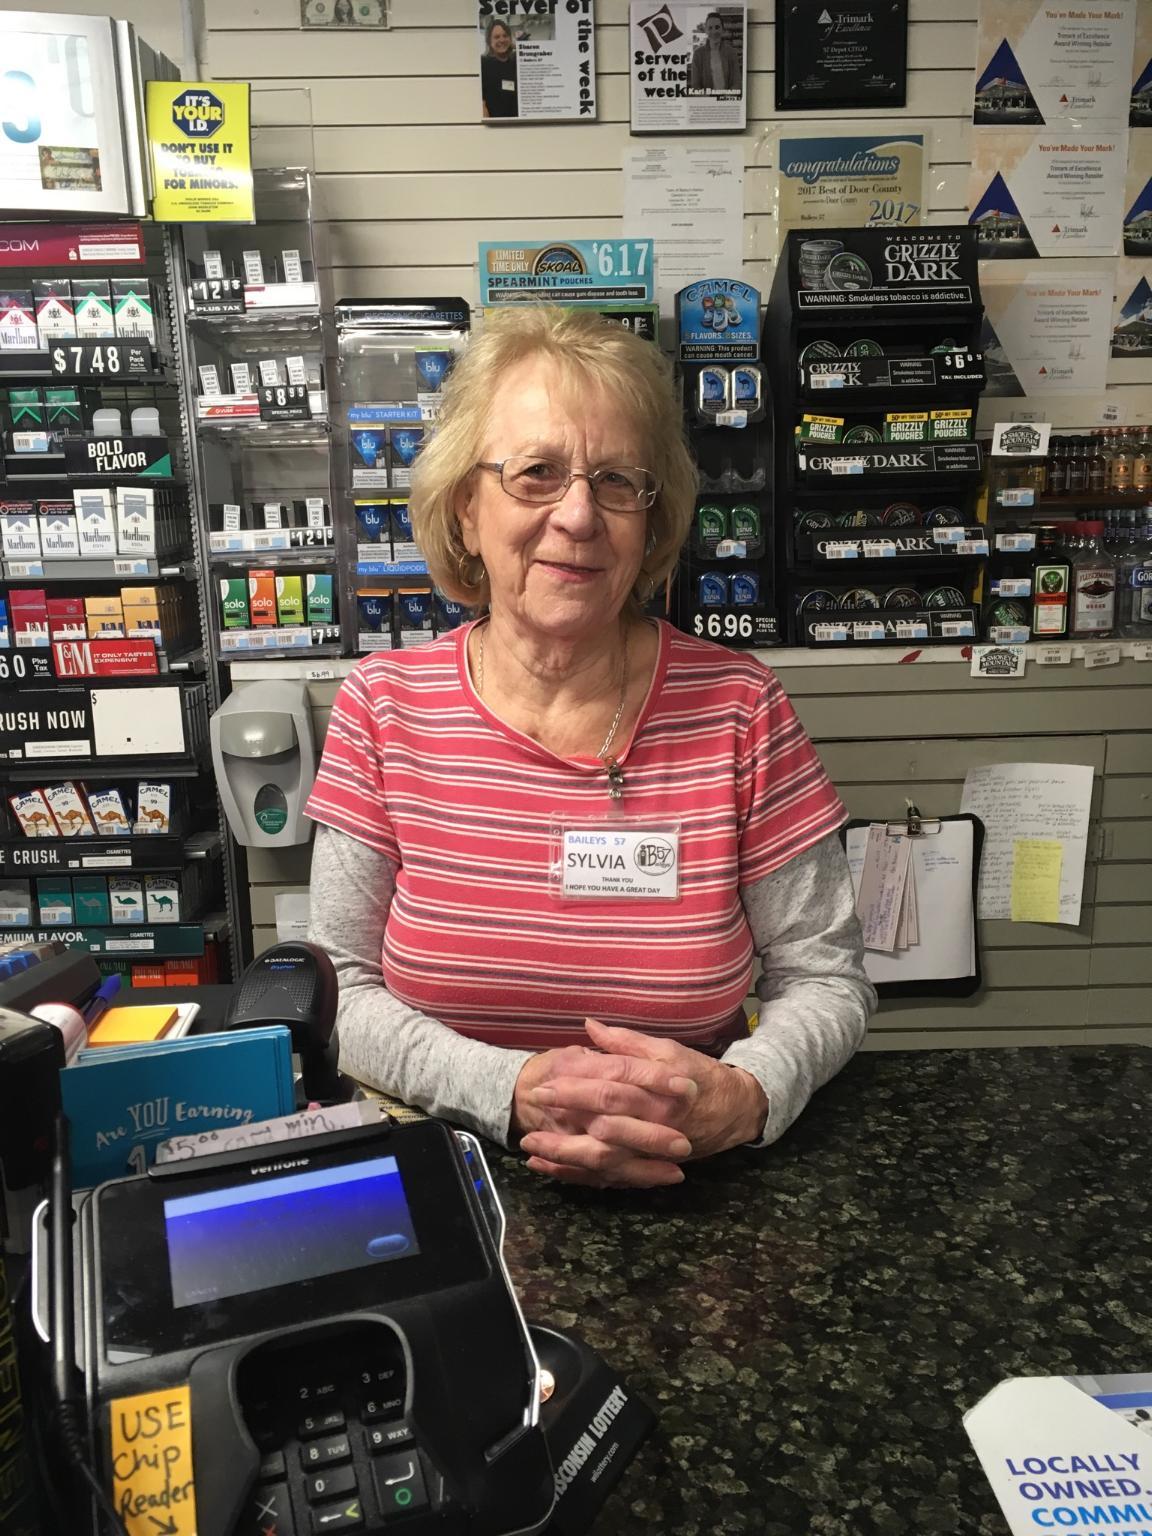 Server of the Week, Baileys 57, Sylvia Reinhardt, Baileys Harbor, Door County